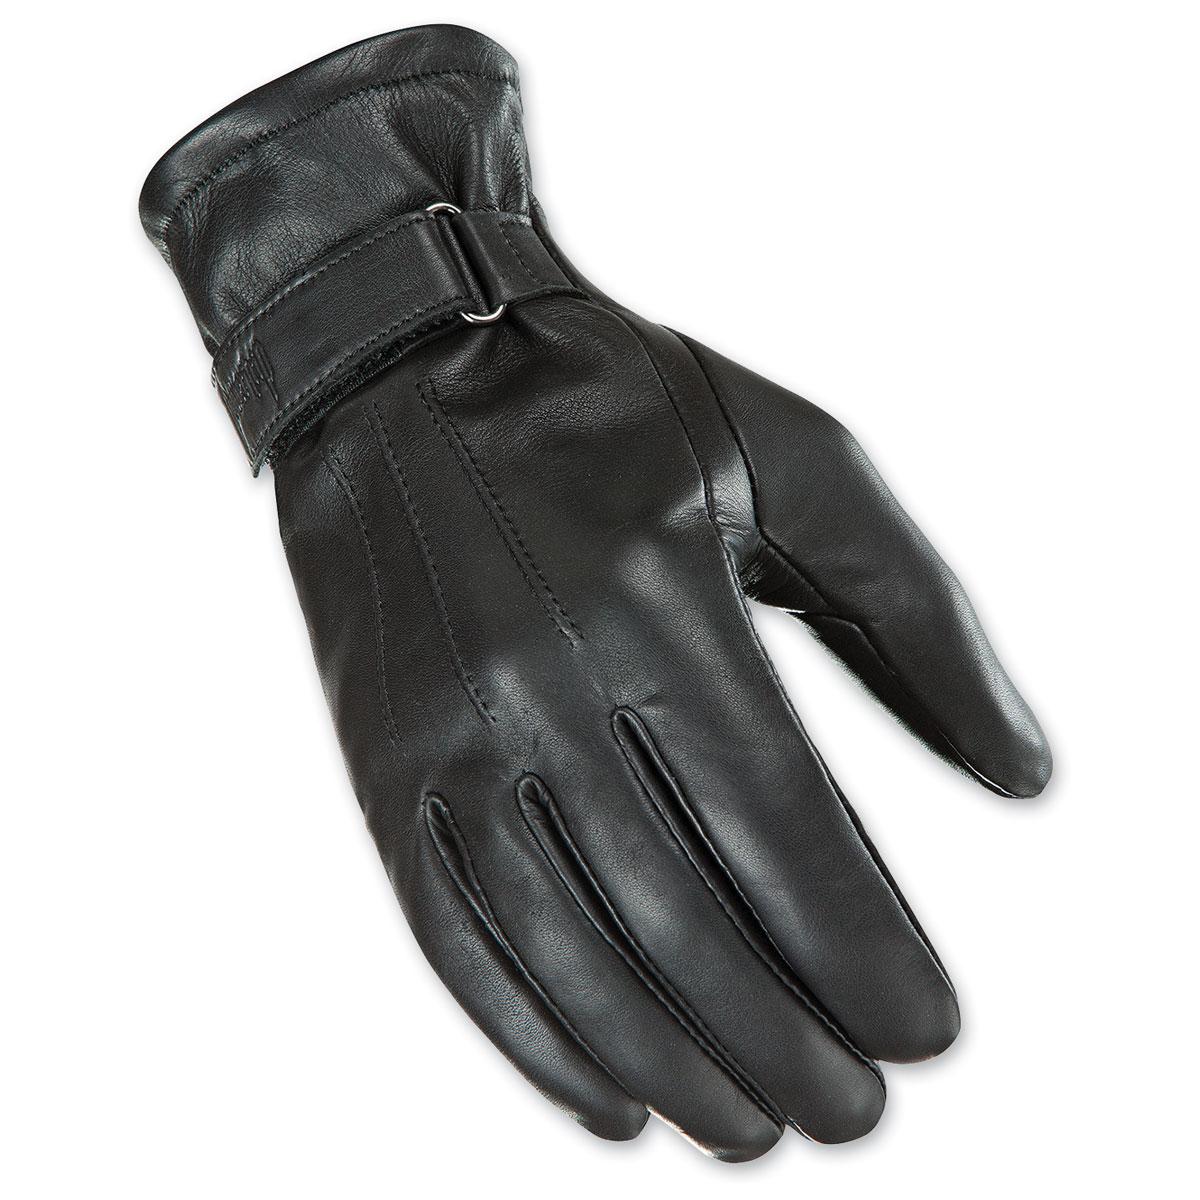 Joe Rocket Women's Jet Touch Screen Black Leather Gloves